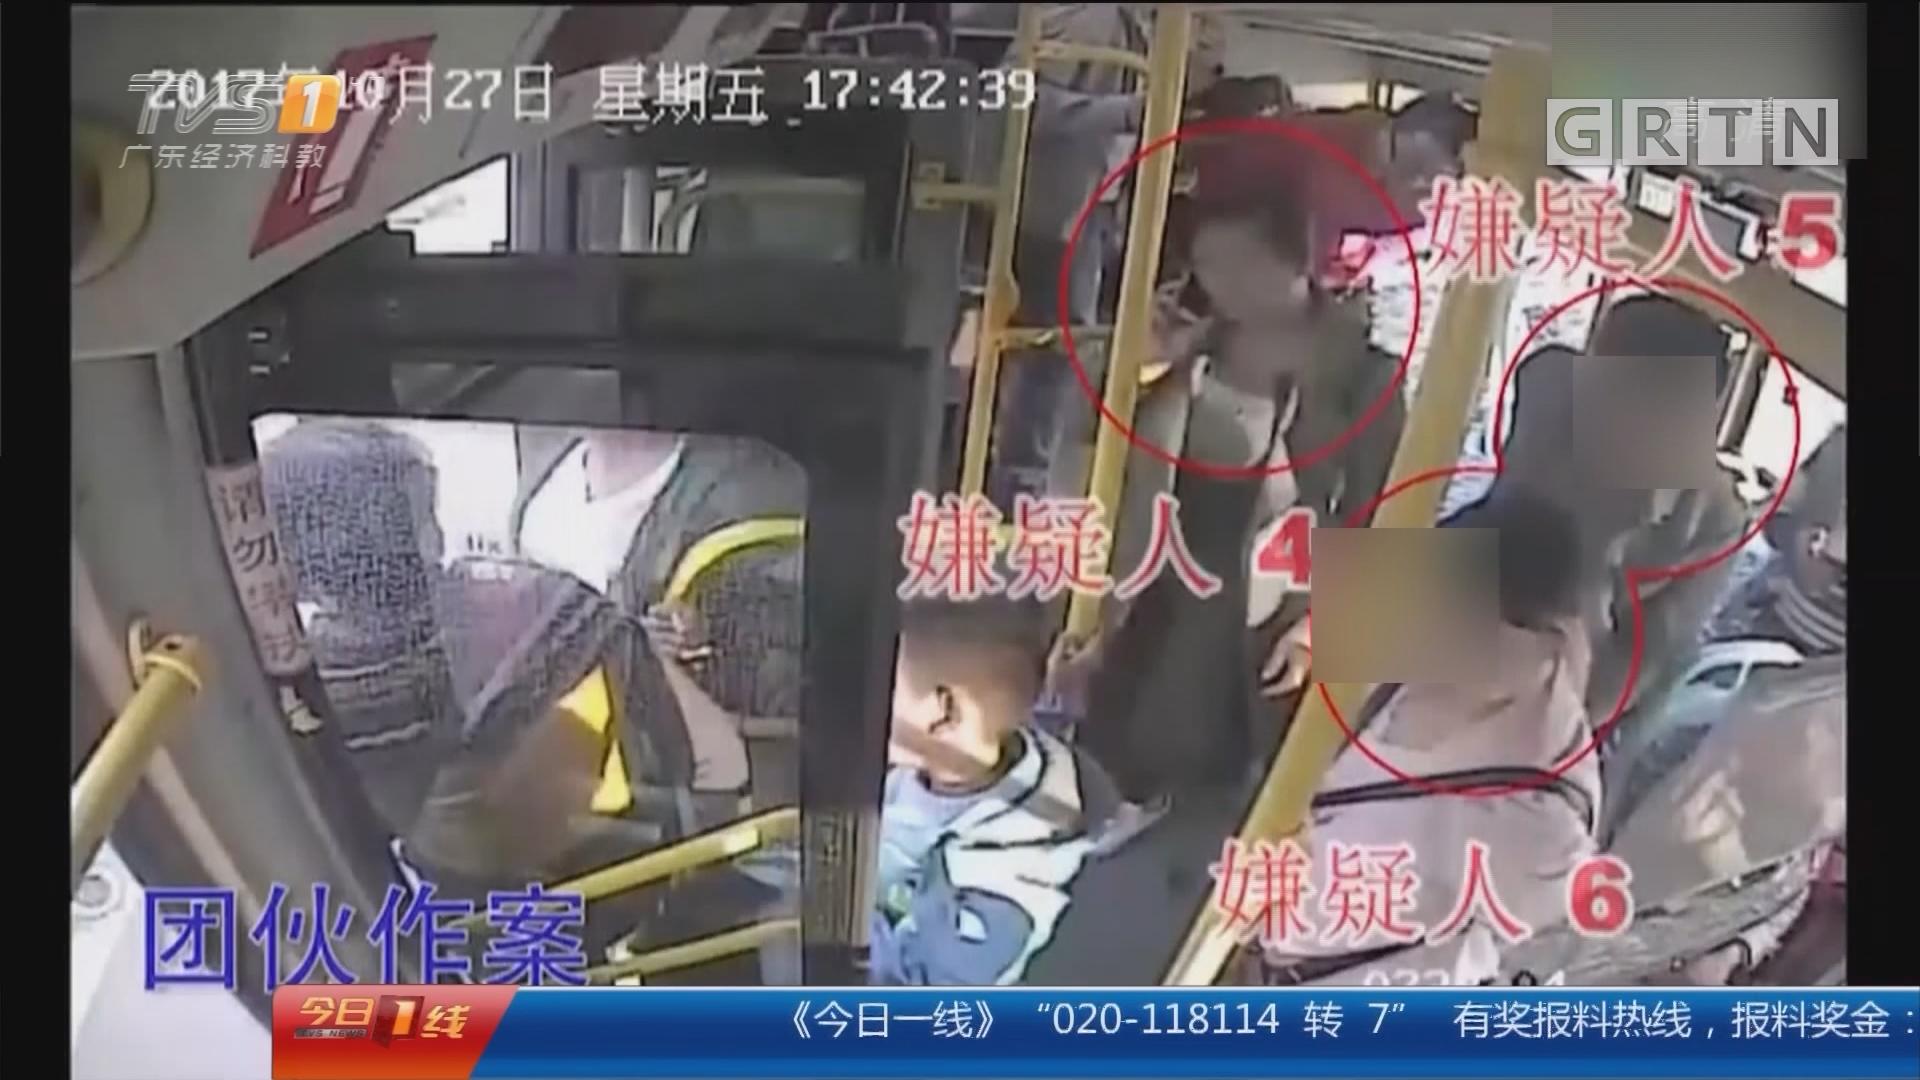 警方打击偷盗团伙:一辆公交上 竟有11个窃贼